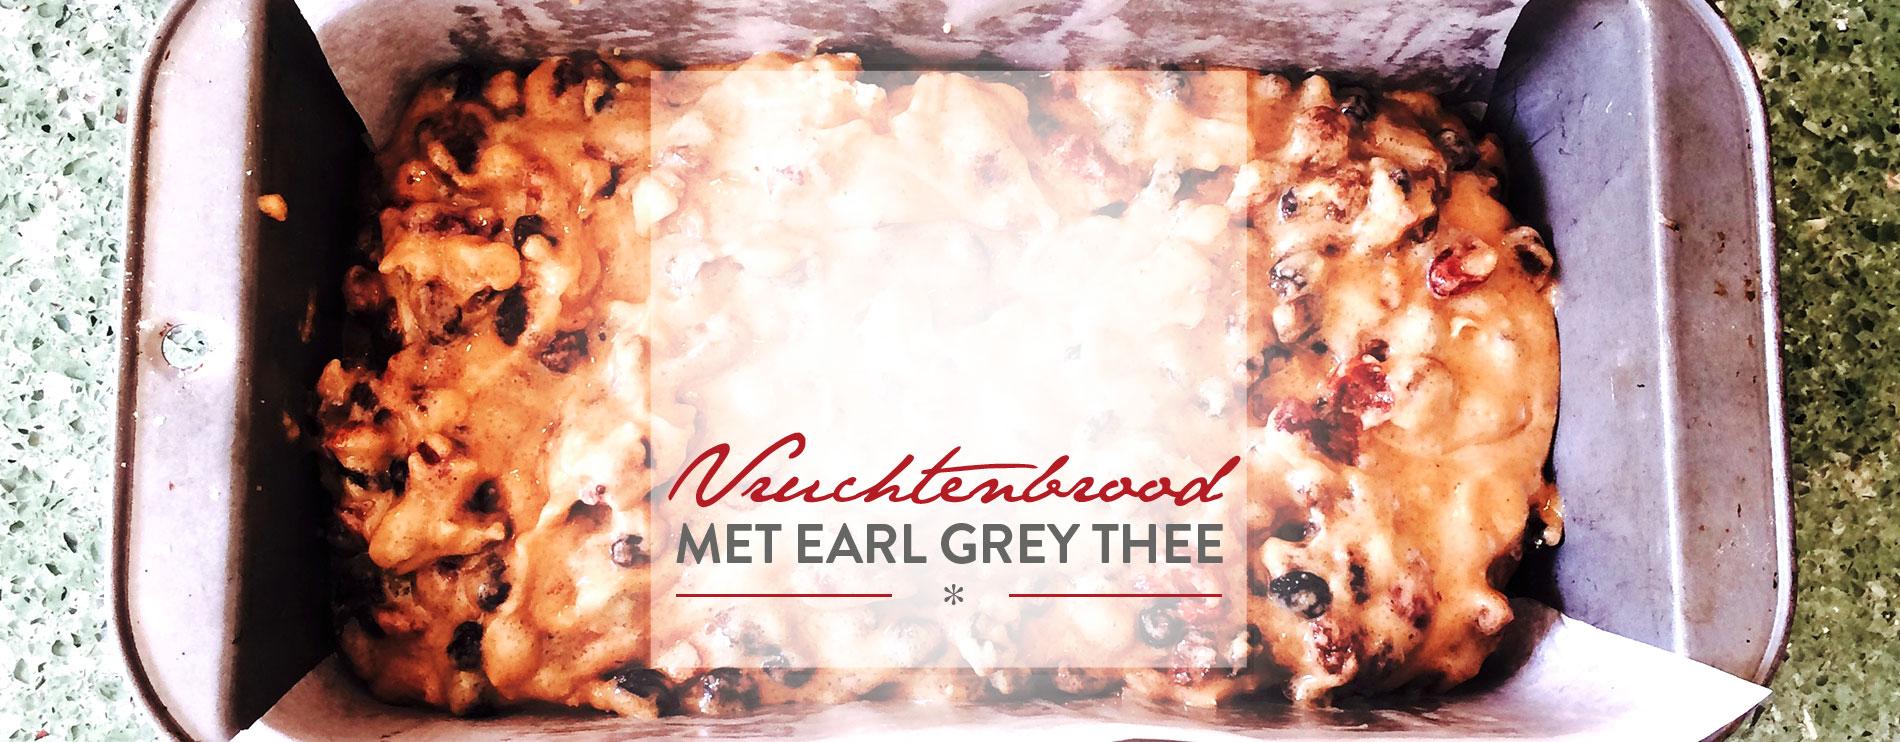 Vruchtenbrood_top-banner